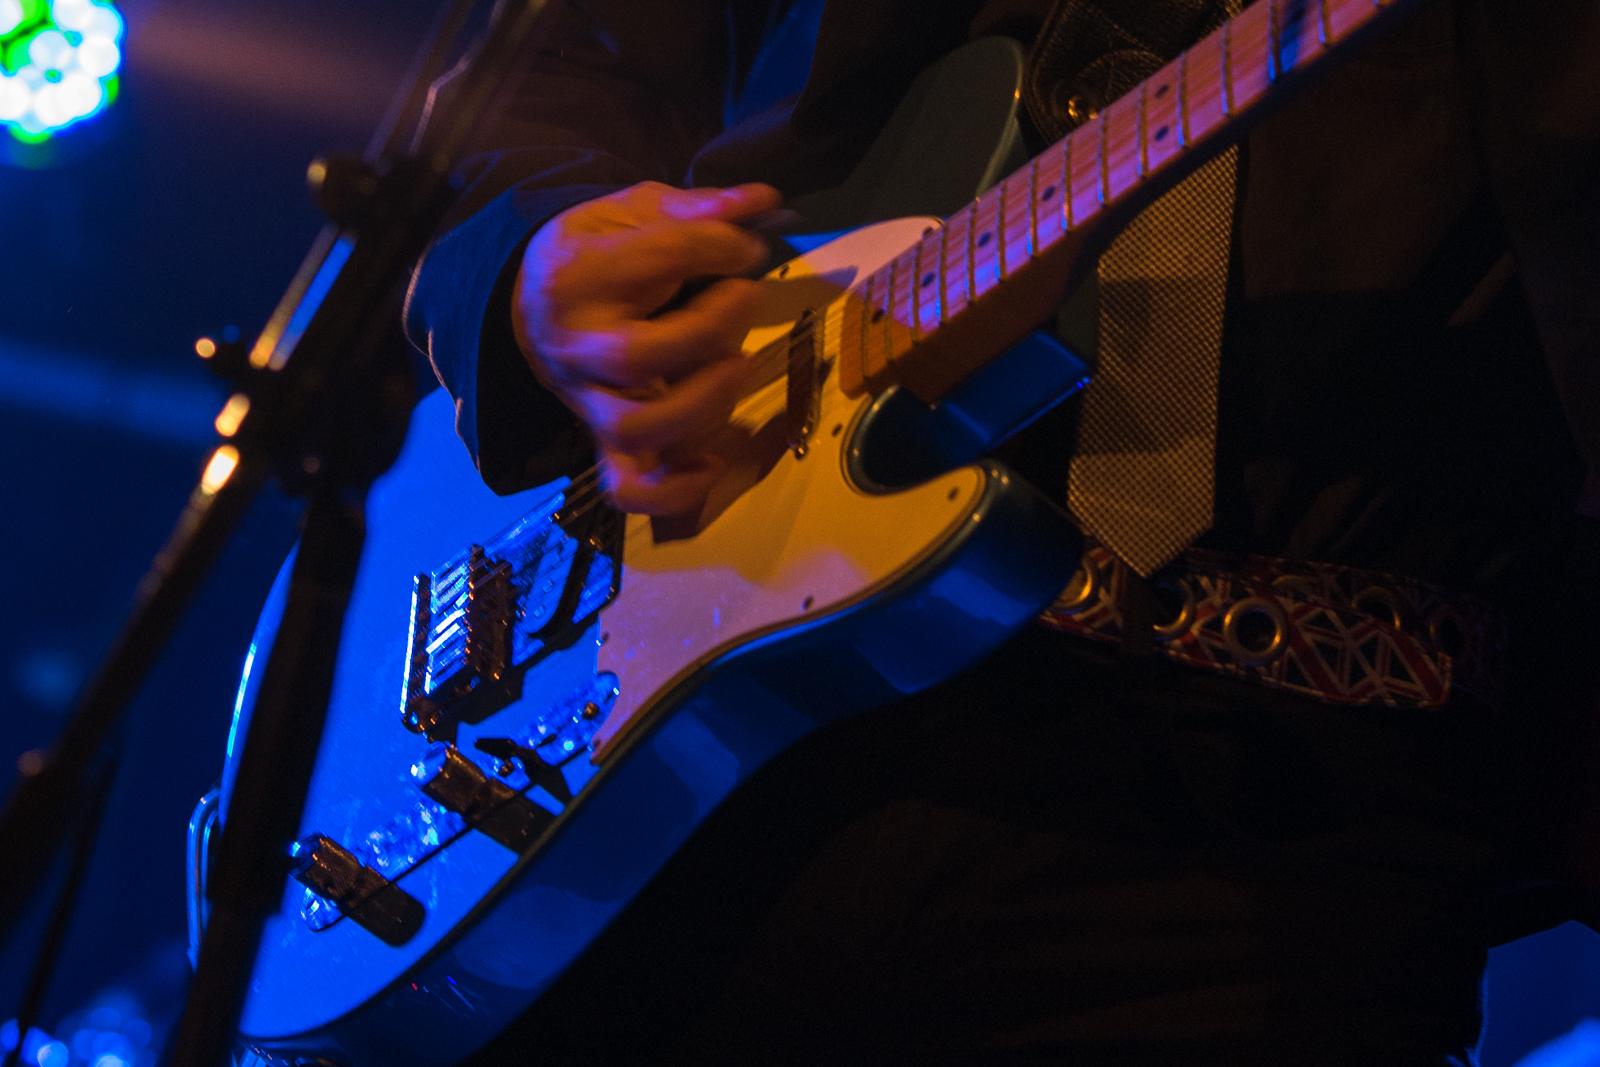 ミュージックビデオ、ライブ映像